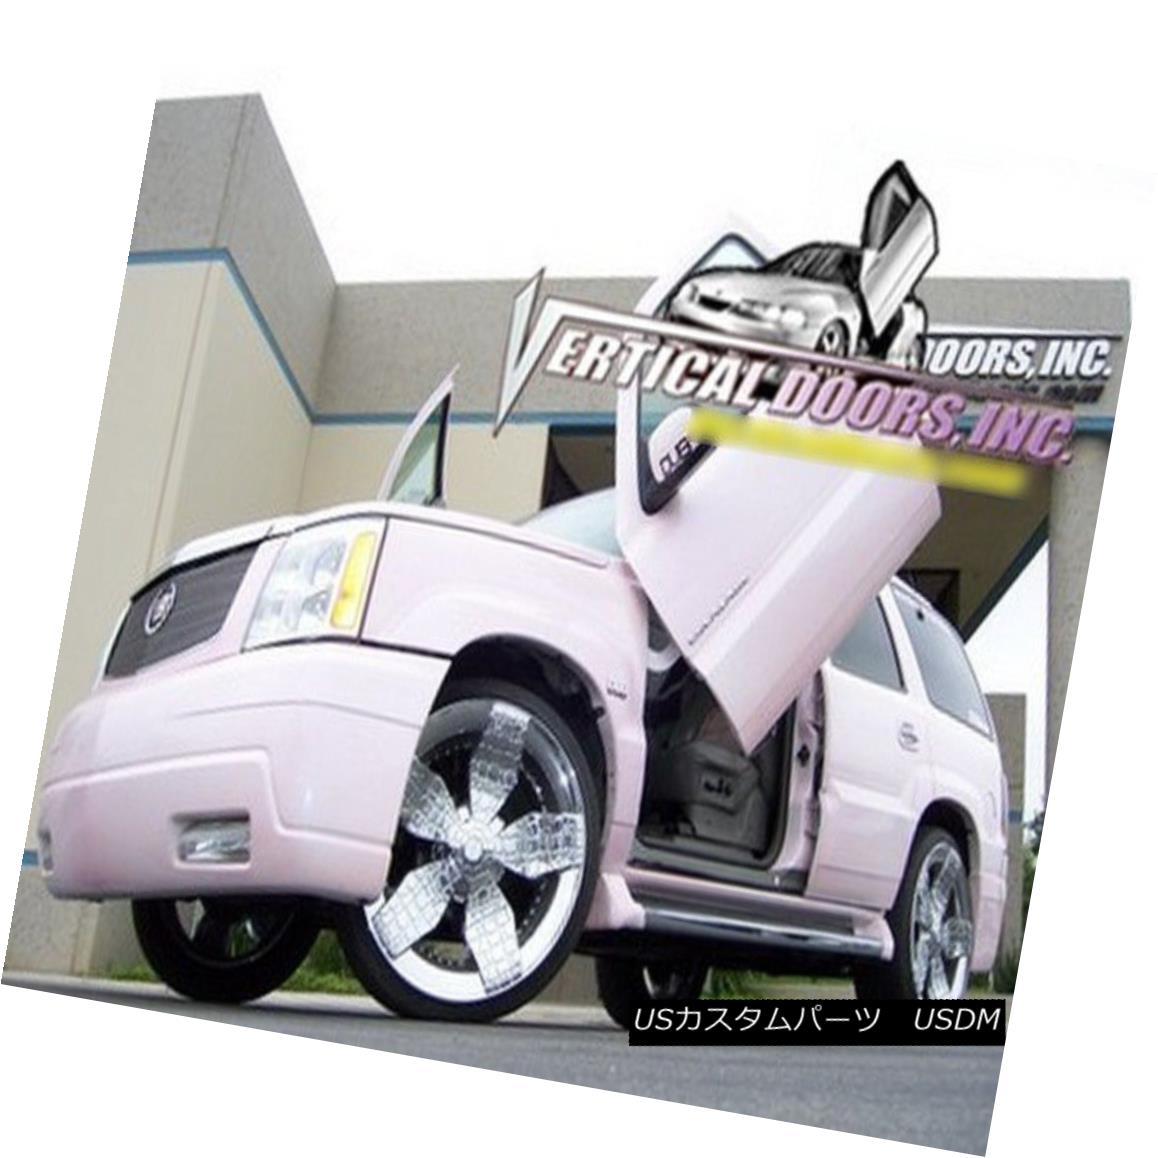 ガルウィングキット Vertical Doors Inc. Bolt-On Lambo Kit for Cadillac Escalade 02-06 Vertical Doors Inc.キャデラック・エスカレードのボルトオン・ランボキット02-06